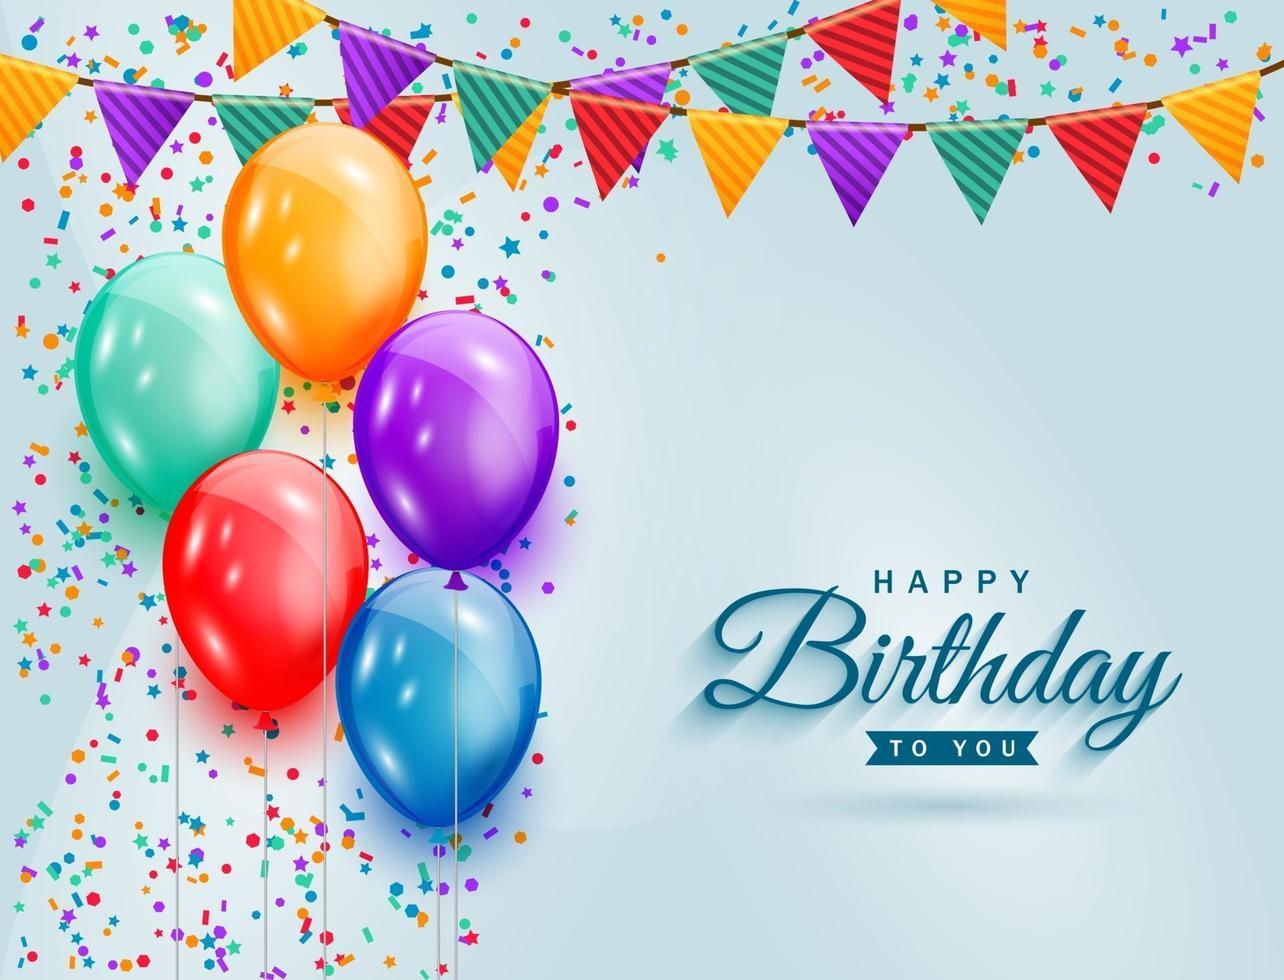 festa di buon compleanno con palloncini colorati, coriandoli glitter e sfondo di nastri per biglietto di auguri, banner festa, anniversario. vettore